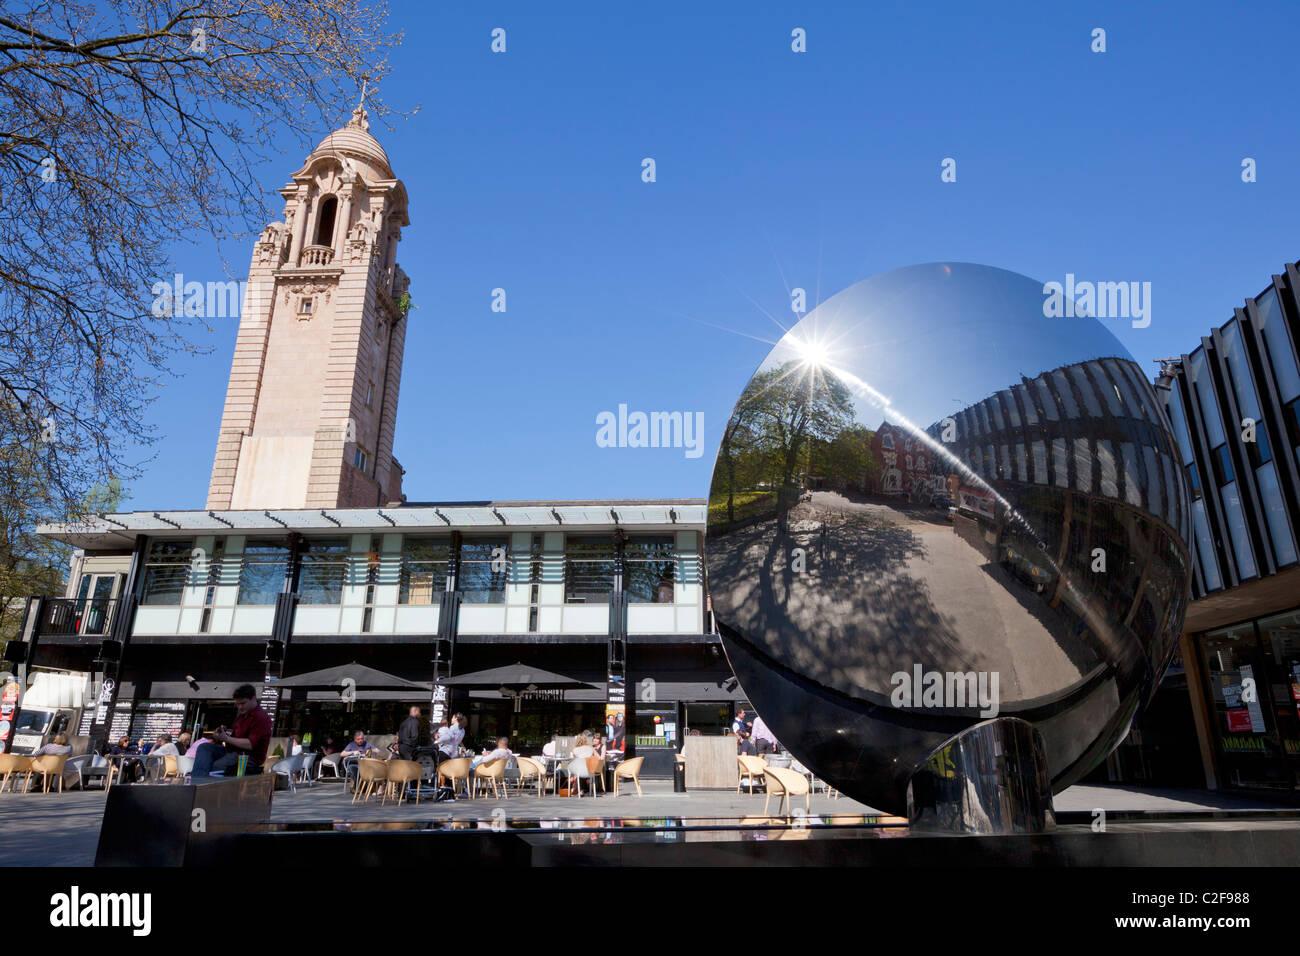 Le Miroir du ciel en acier inoxydable à l'extérieur de la Nottingham Playhouse Theatre Nottingham Photo Stock